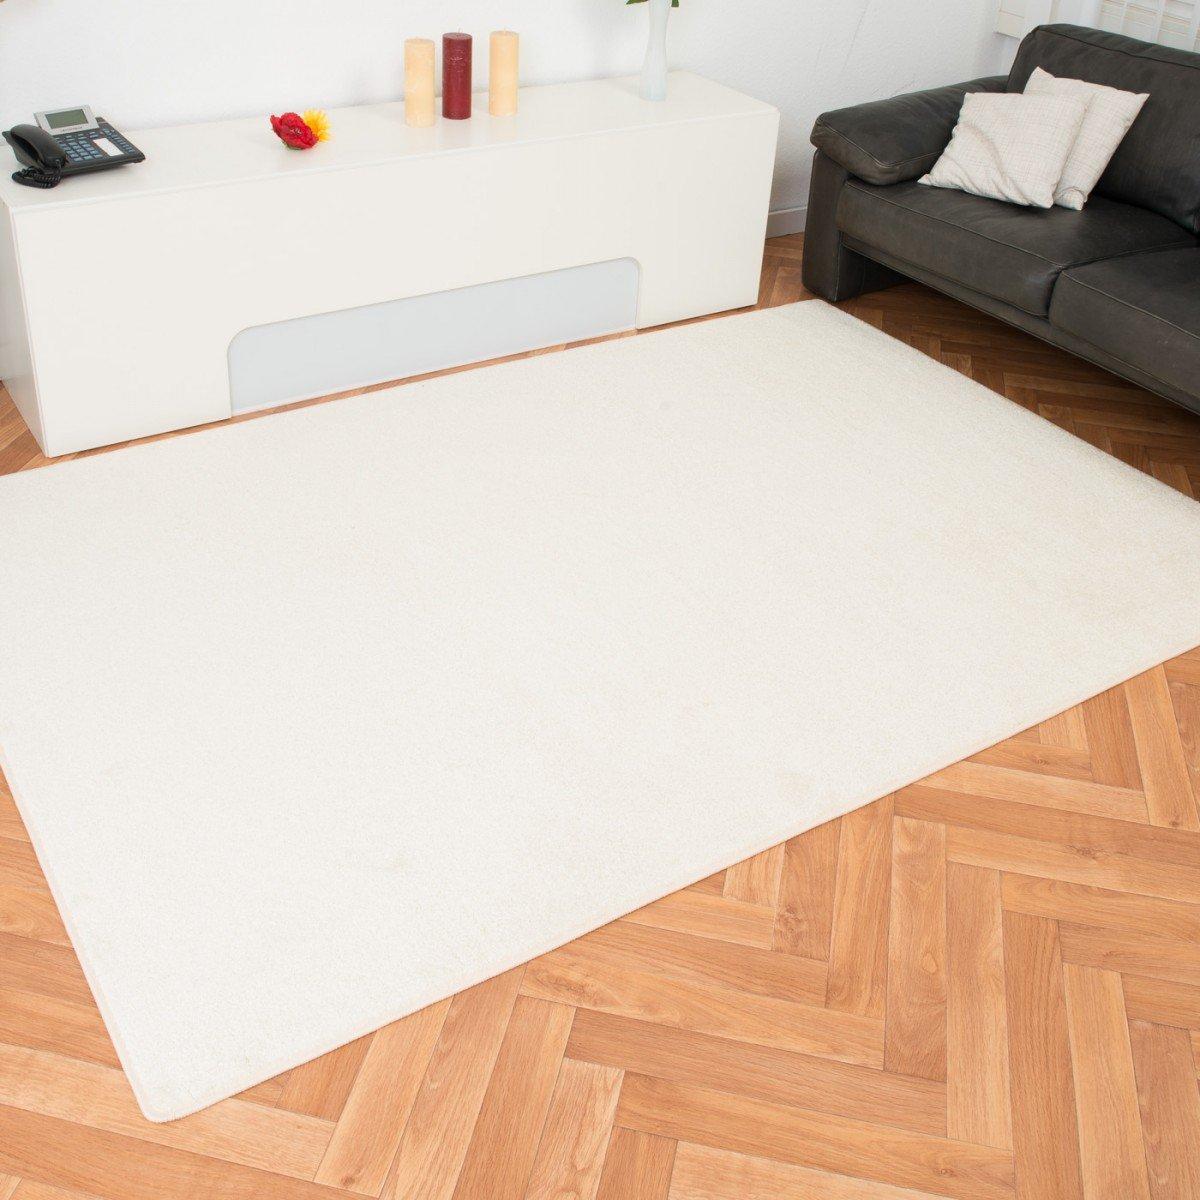 Havatex Velours Teppich Kontor - Farbe wählbar   schadstoffgeprüft pflegeleicht   robust strapazierfähig Wohnzimmer Kinderzimmer Schlafzimmer, Farbe Silber, Größe 80 x 200 cm B00ITA7UA6 Teppiche